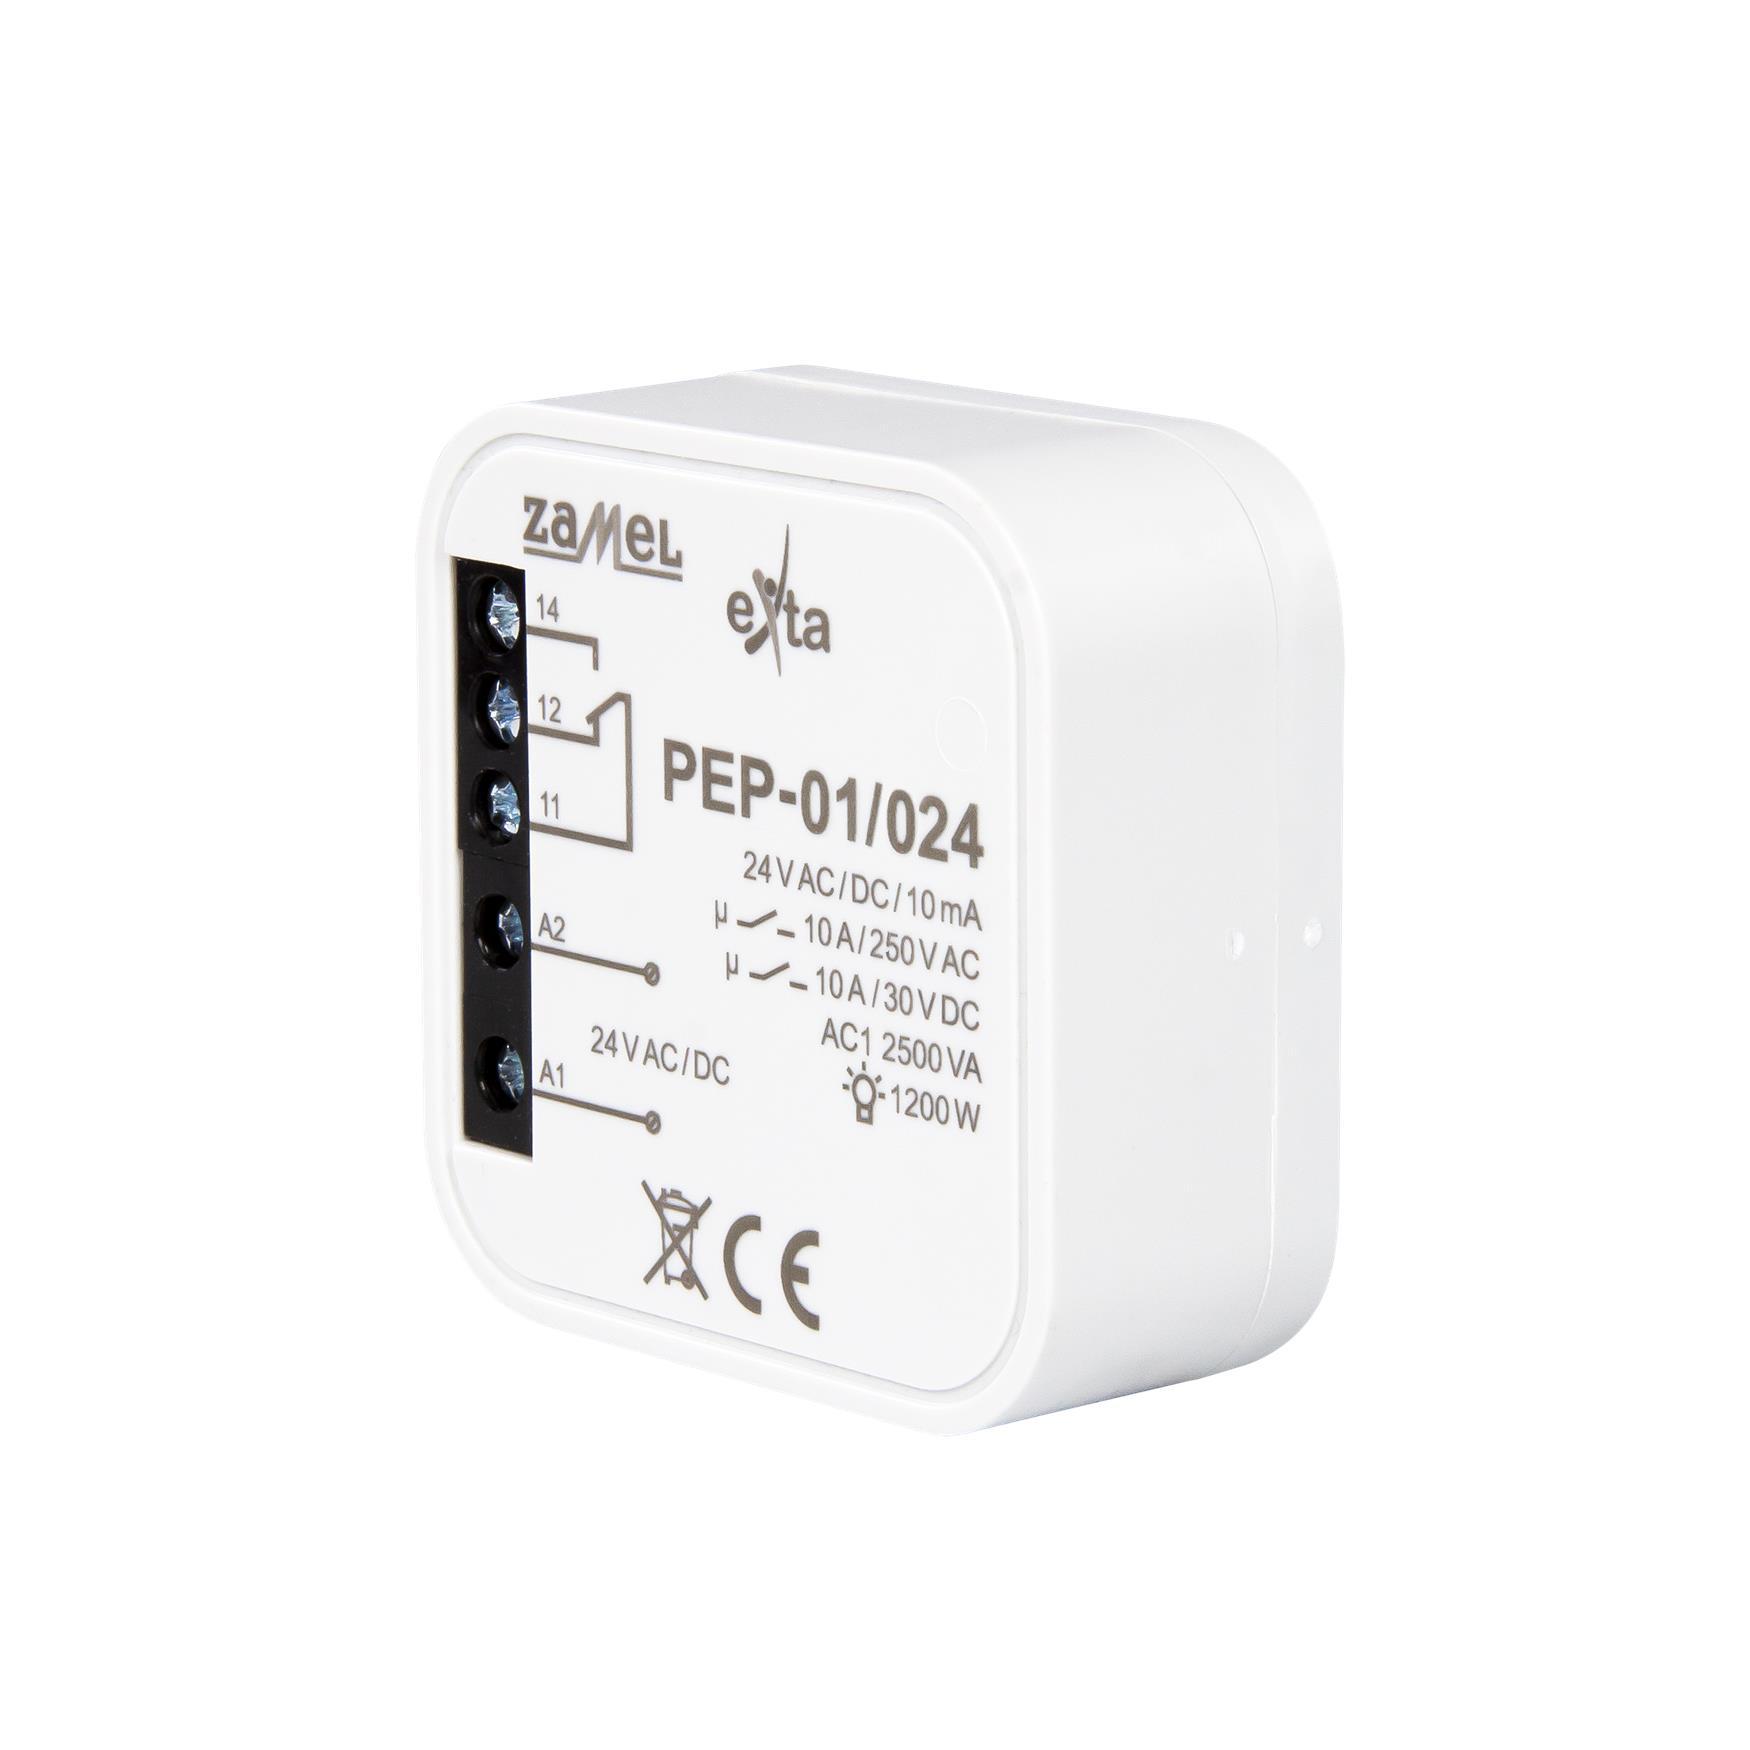 PEP-01-024_Przekaznik_elektromagnetyczny_01